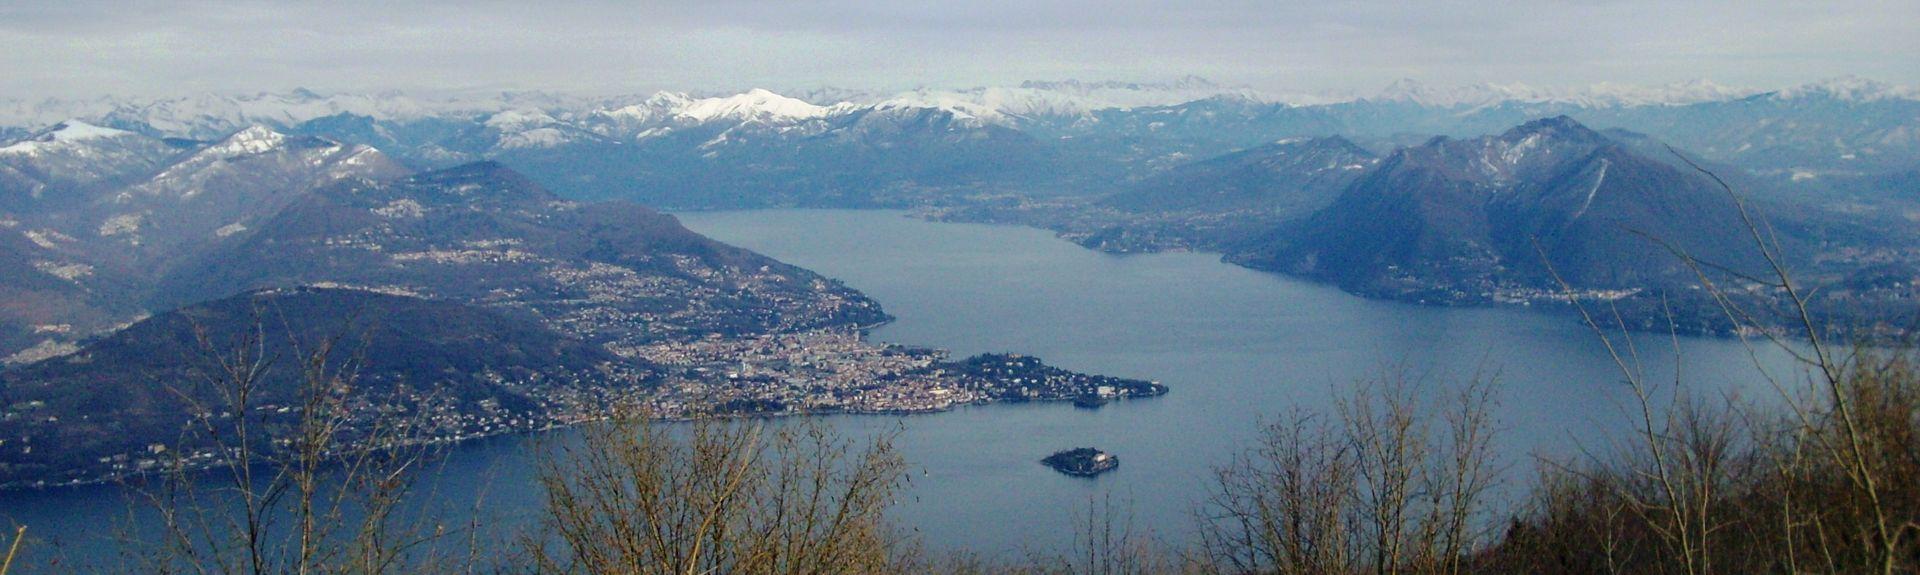 Carmine, Cannobio, Piémont, Italie